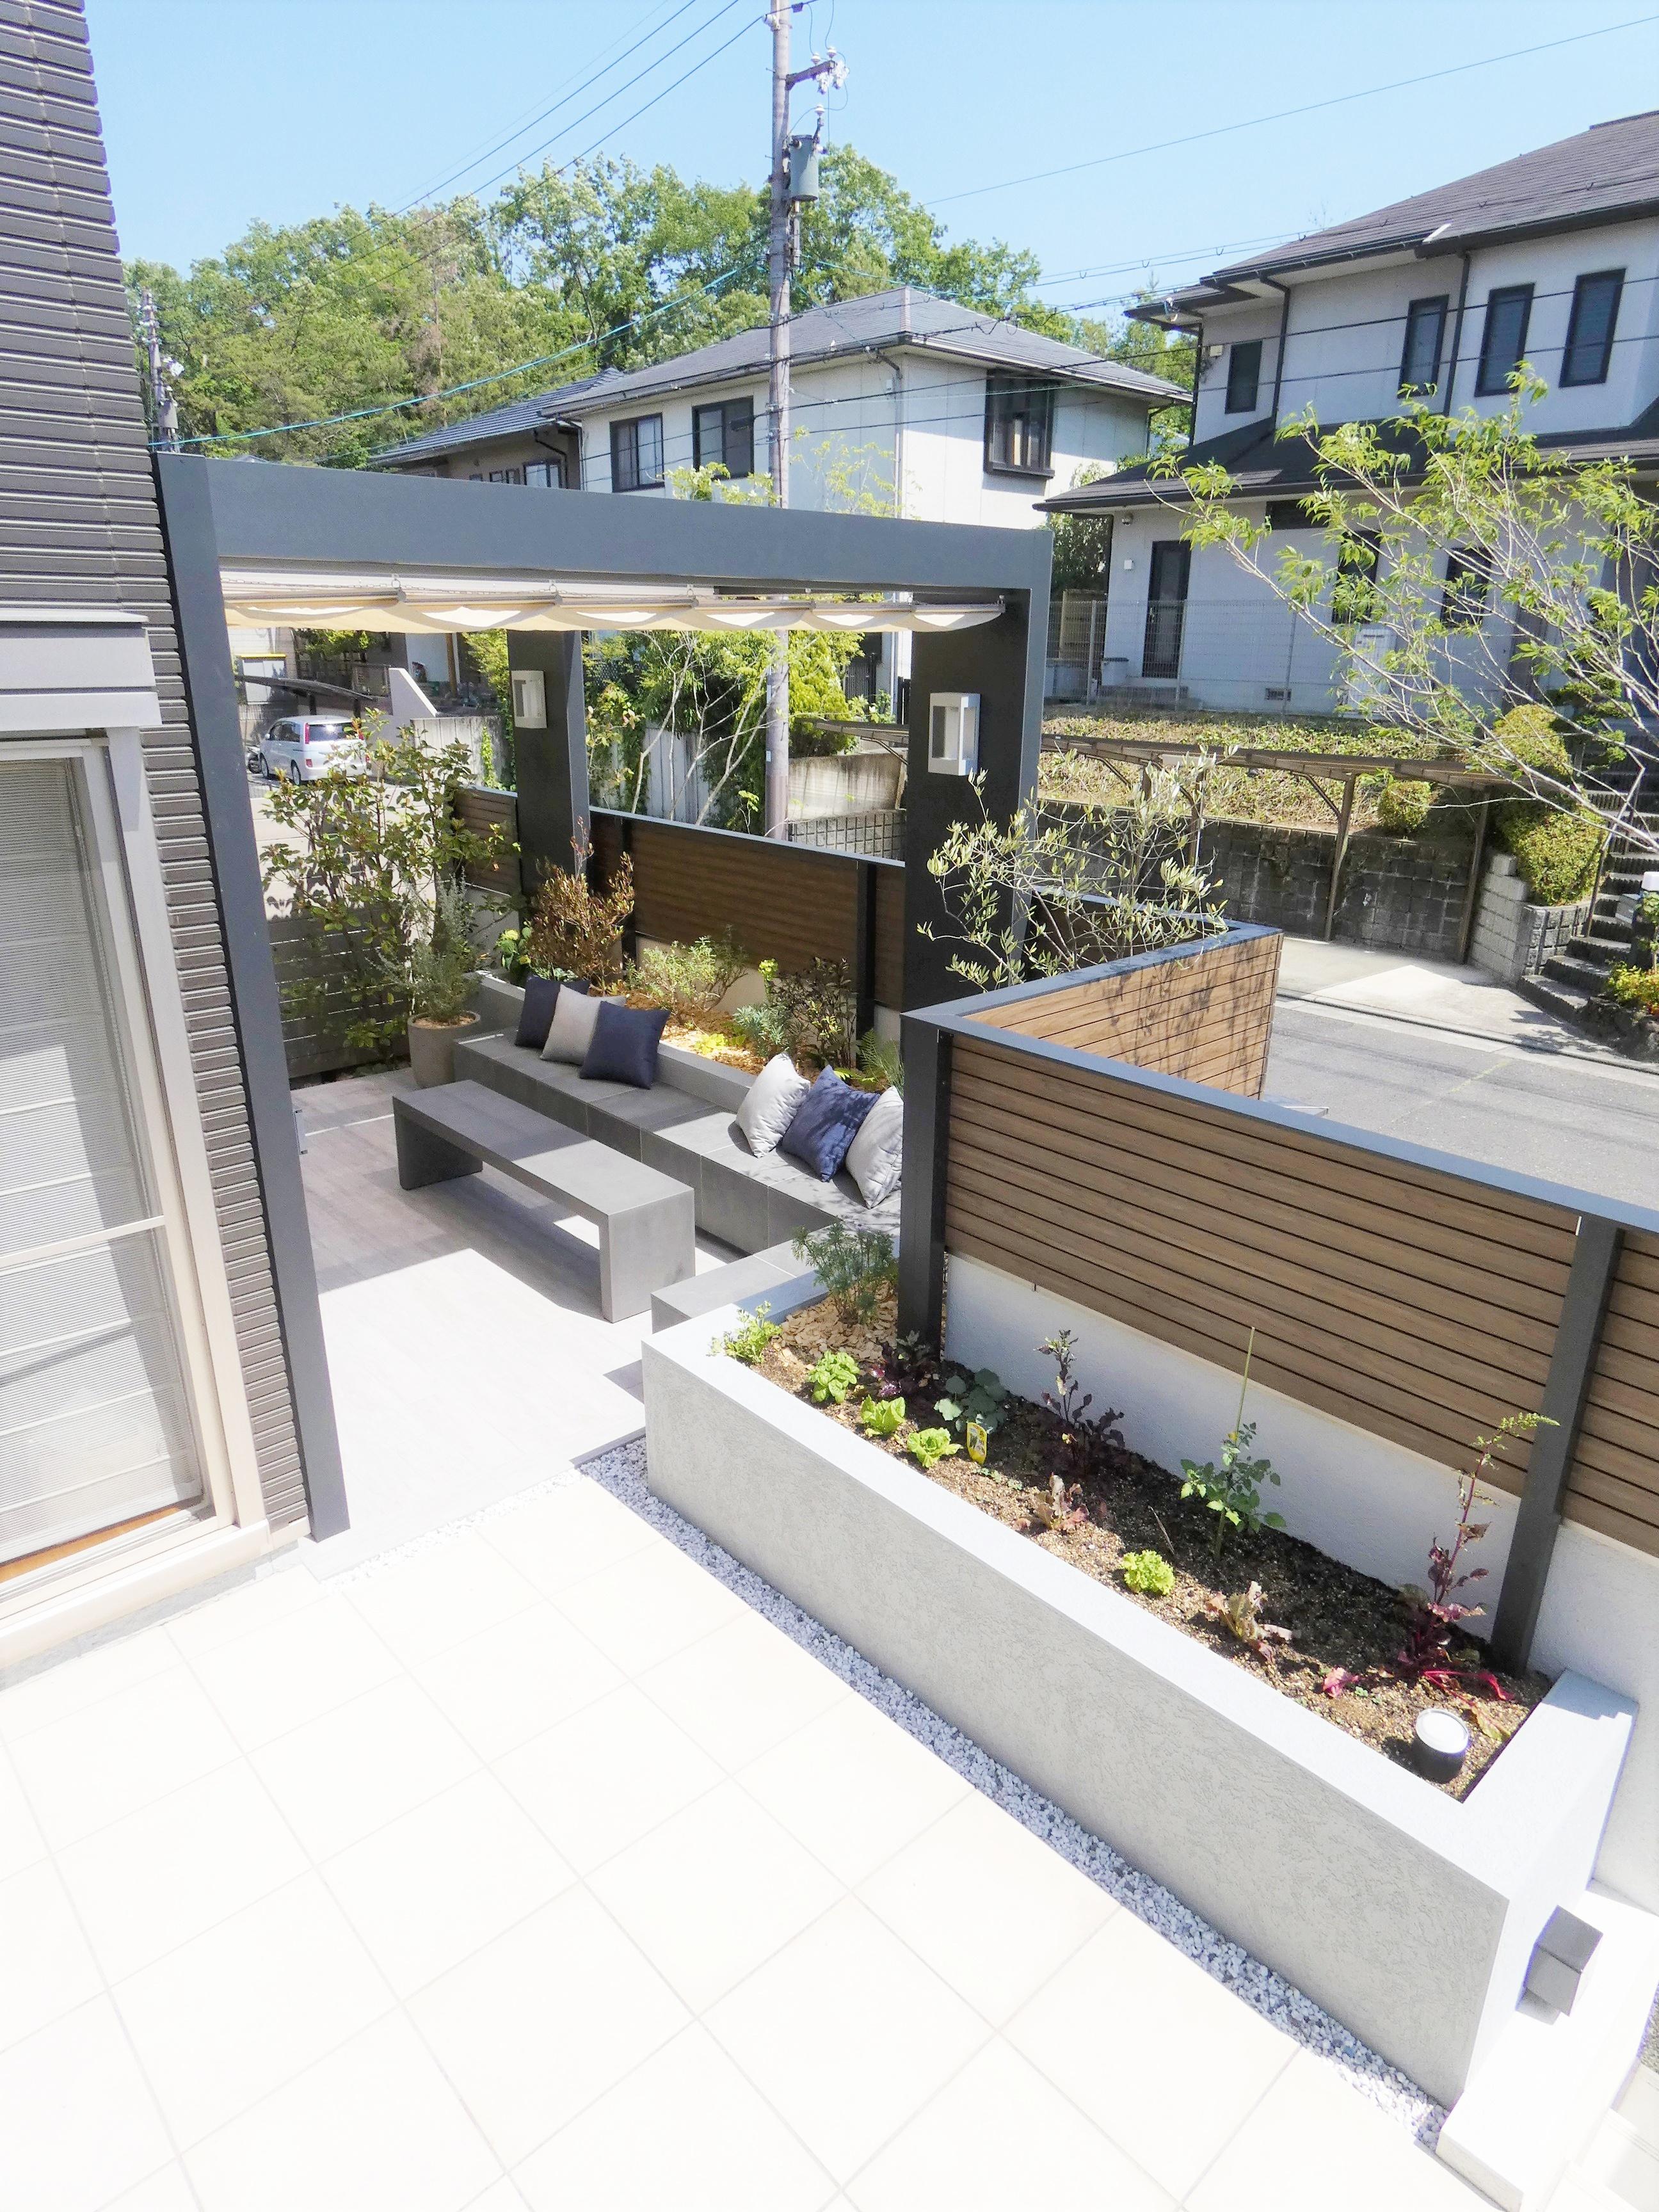 白いテラスの奥にパーゴラ付きのベンチある庭をやや上から見たショット